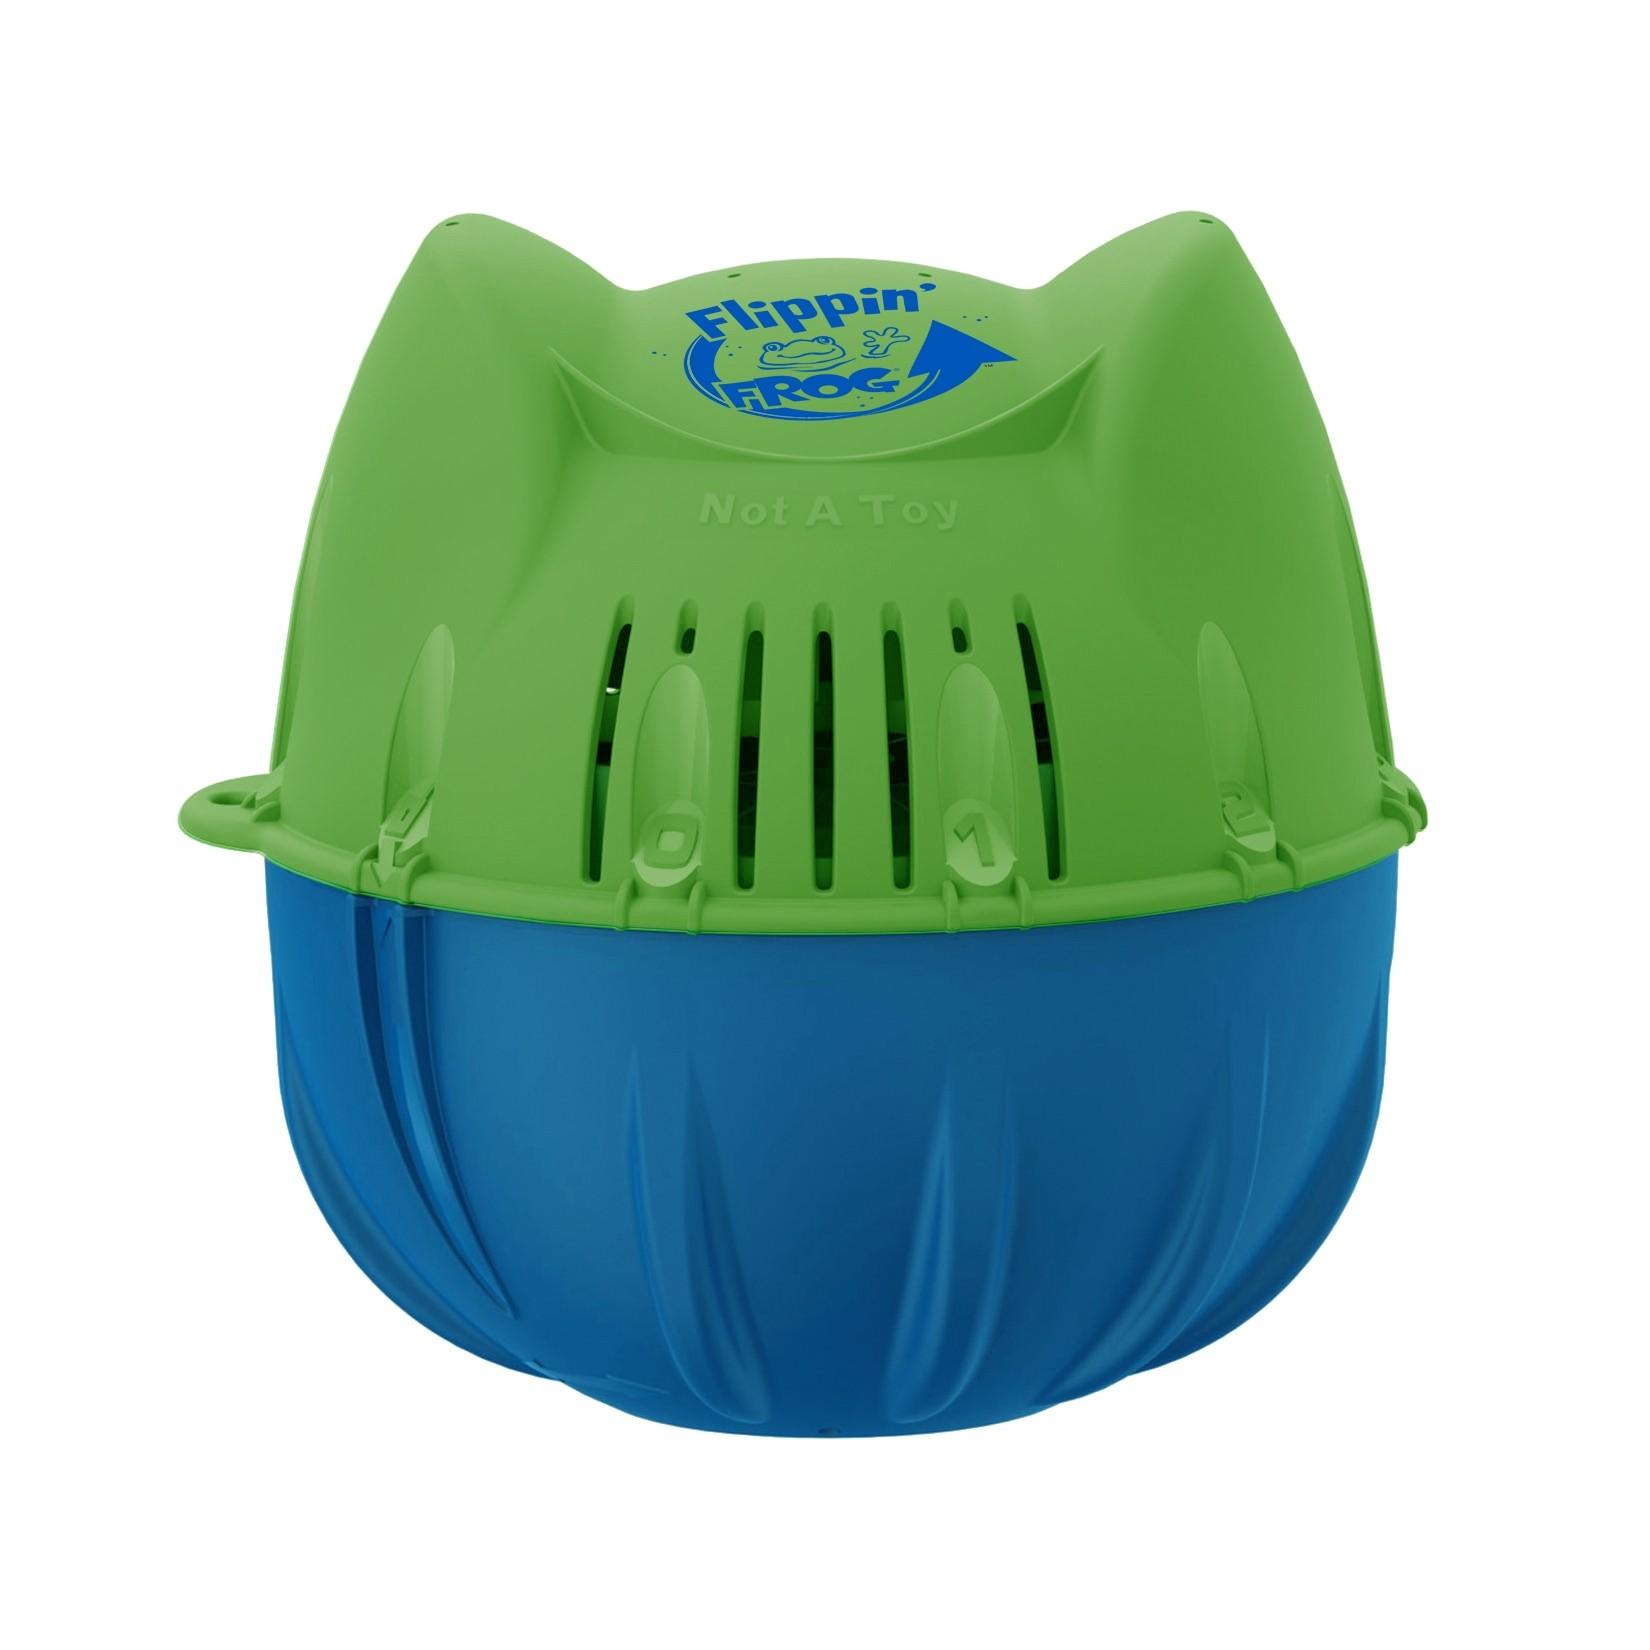 Flippin Frog Chlorine / Mineral Floating Dispenser